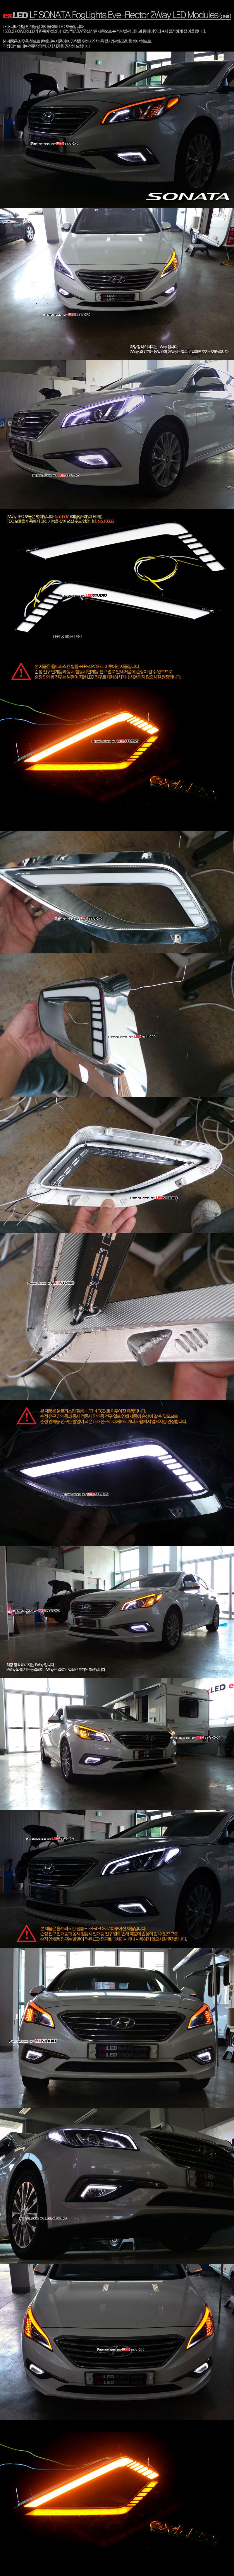 exLED LF 쏘나타用 안개등 아이플렉터 2Way LED 모듈 (안개등 면발광 아이라인) (좌우측1대분)